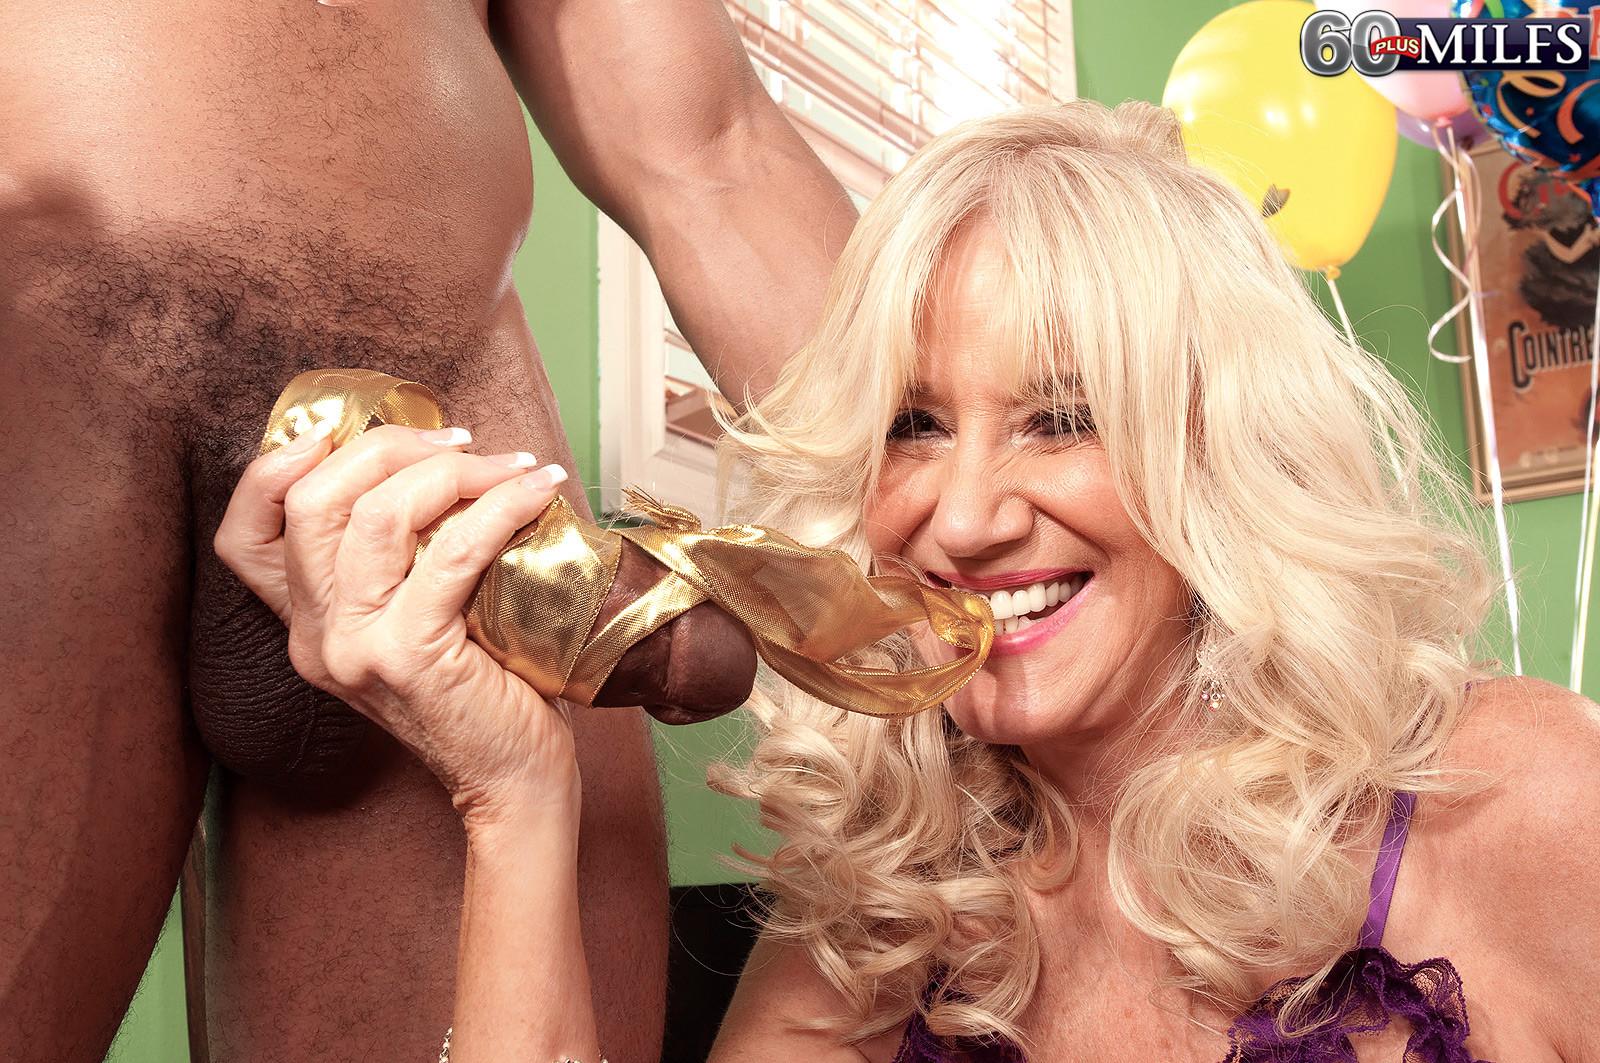 Зрелая блондинка Самеранн на День рождения получила трах с негром с большим хером и осталась довольной